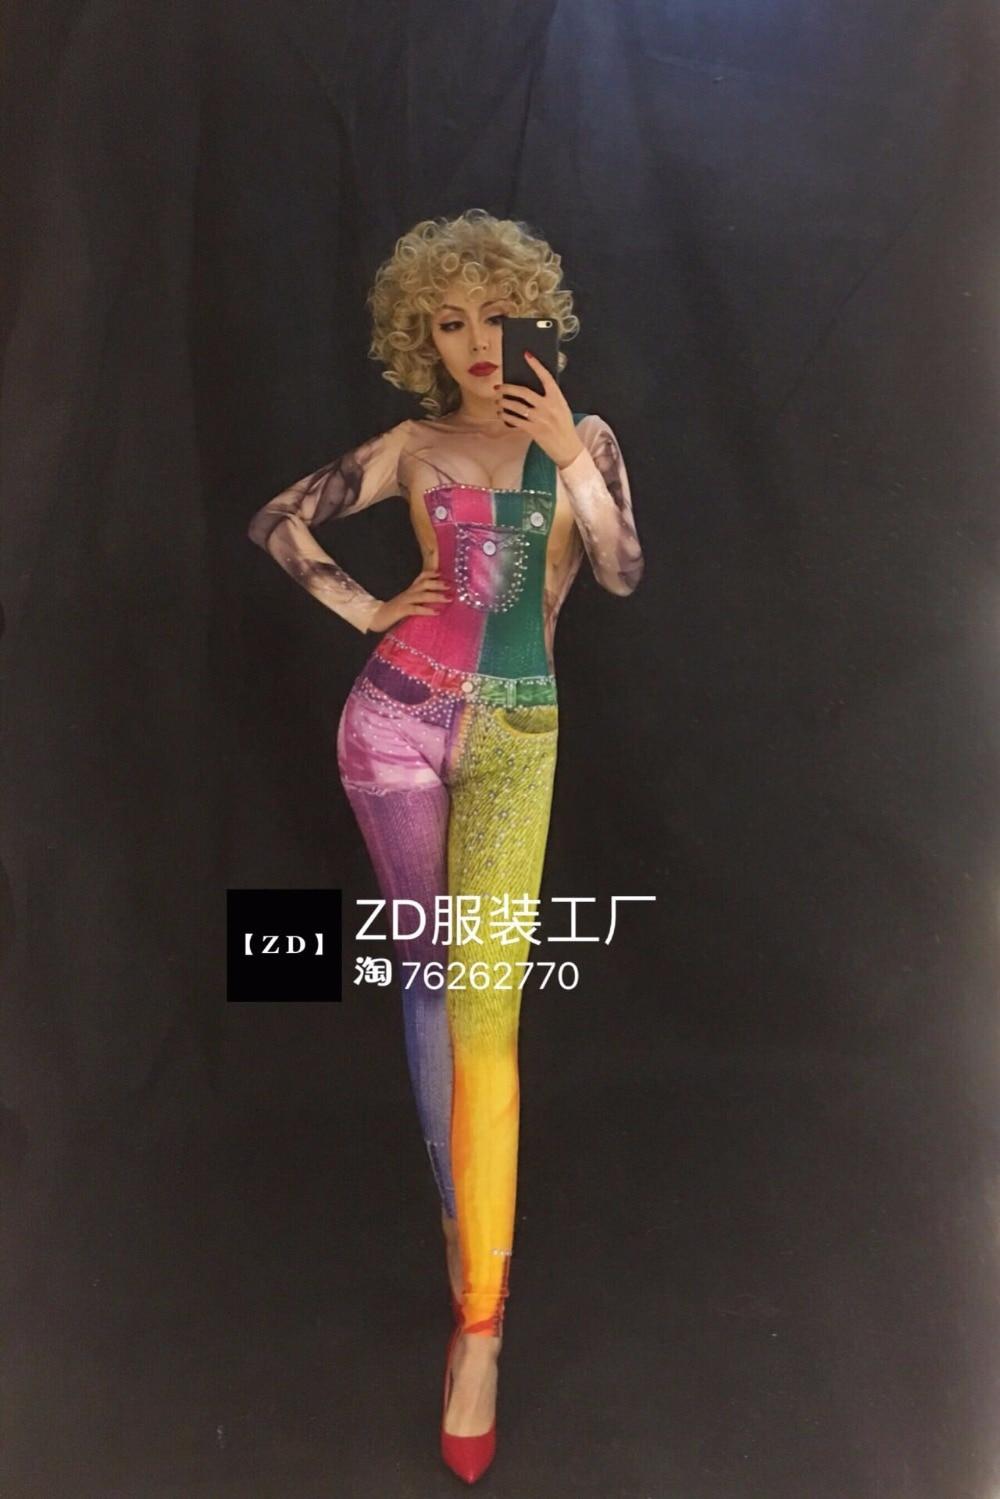 Donne 3d Discoteca Il Stampa Costume Colore Nuove Sexy Femminile Del Di Bib Festeggiare Compleanno Tights Cantante Partito Strass Ballo Tuta jL4RA5